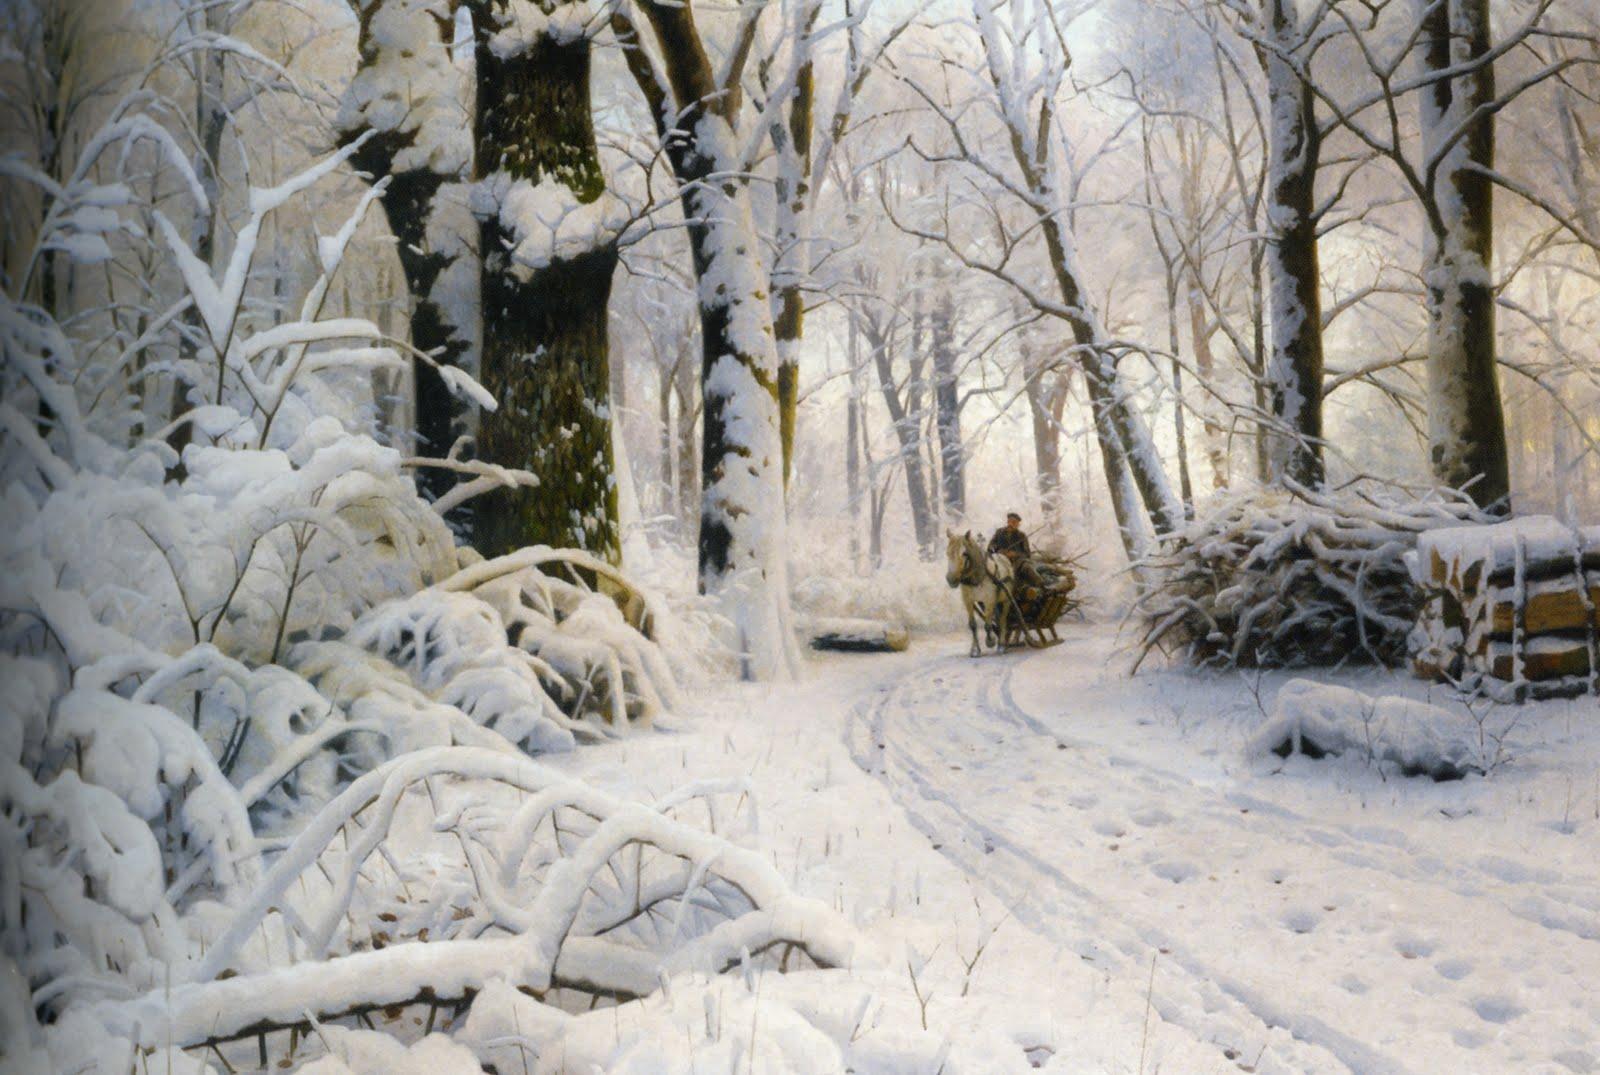 Peder_M%C3%B8rk_M%C3%B8nsted_-_Wood_in_snow.jpg